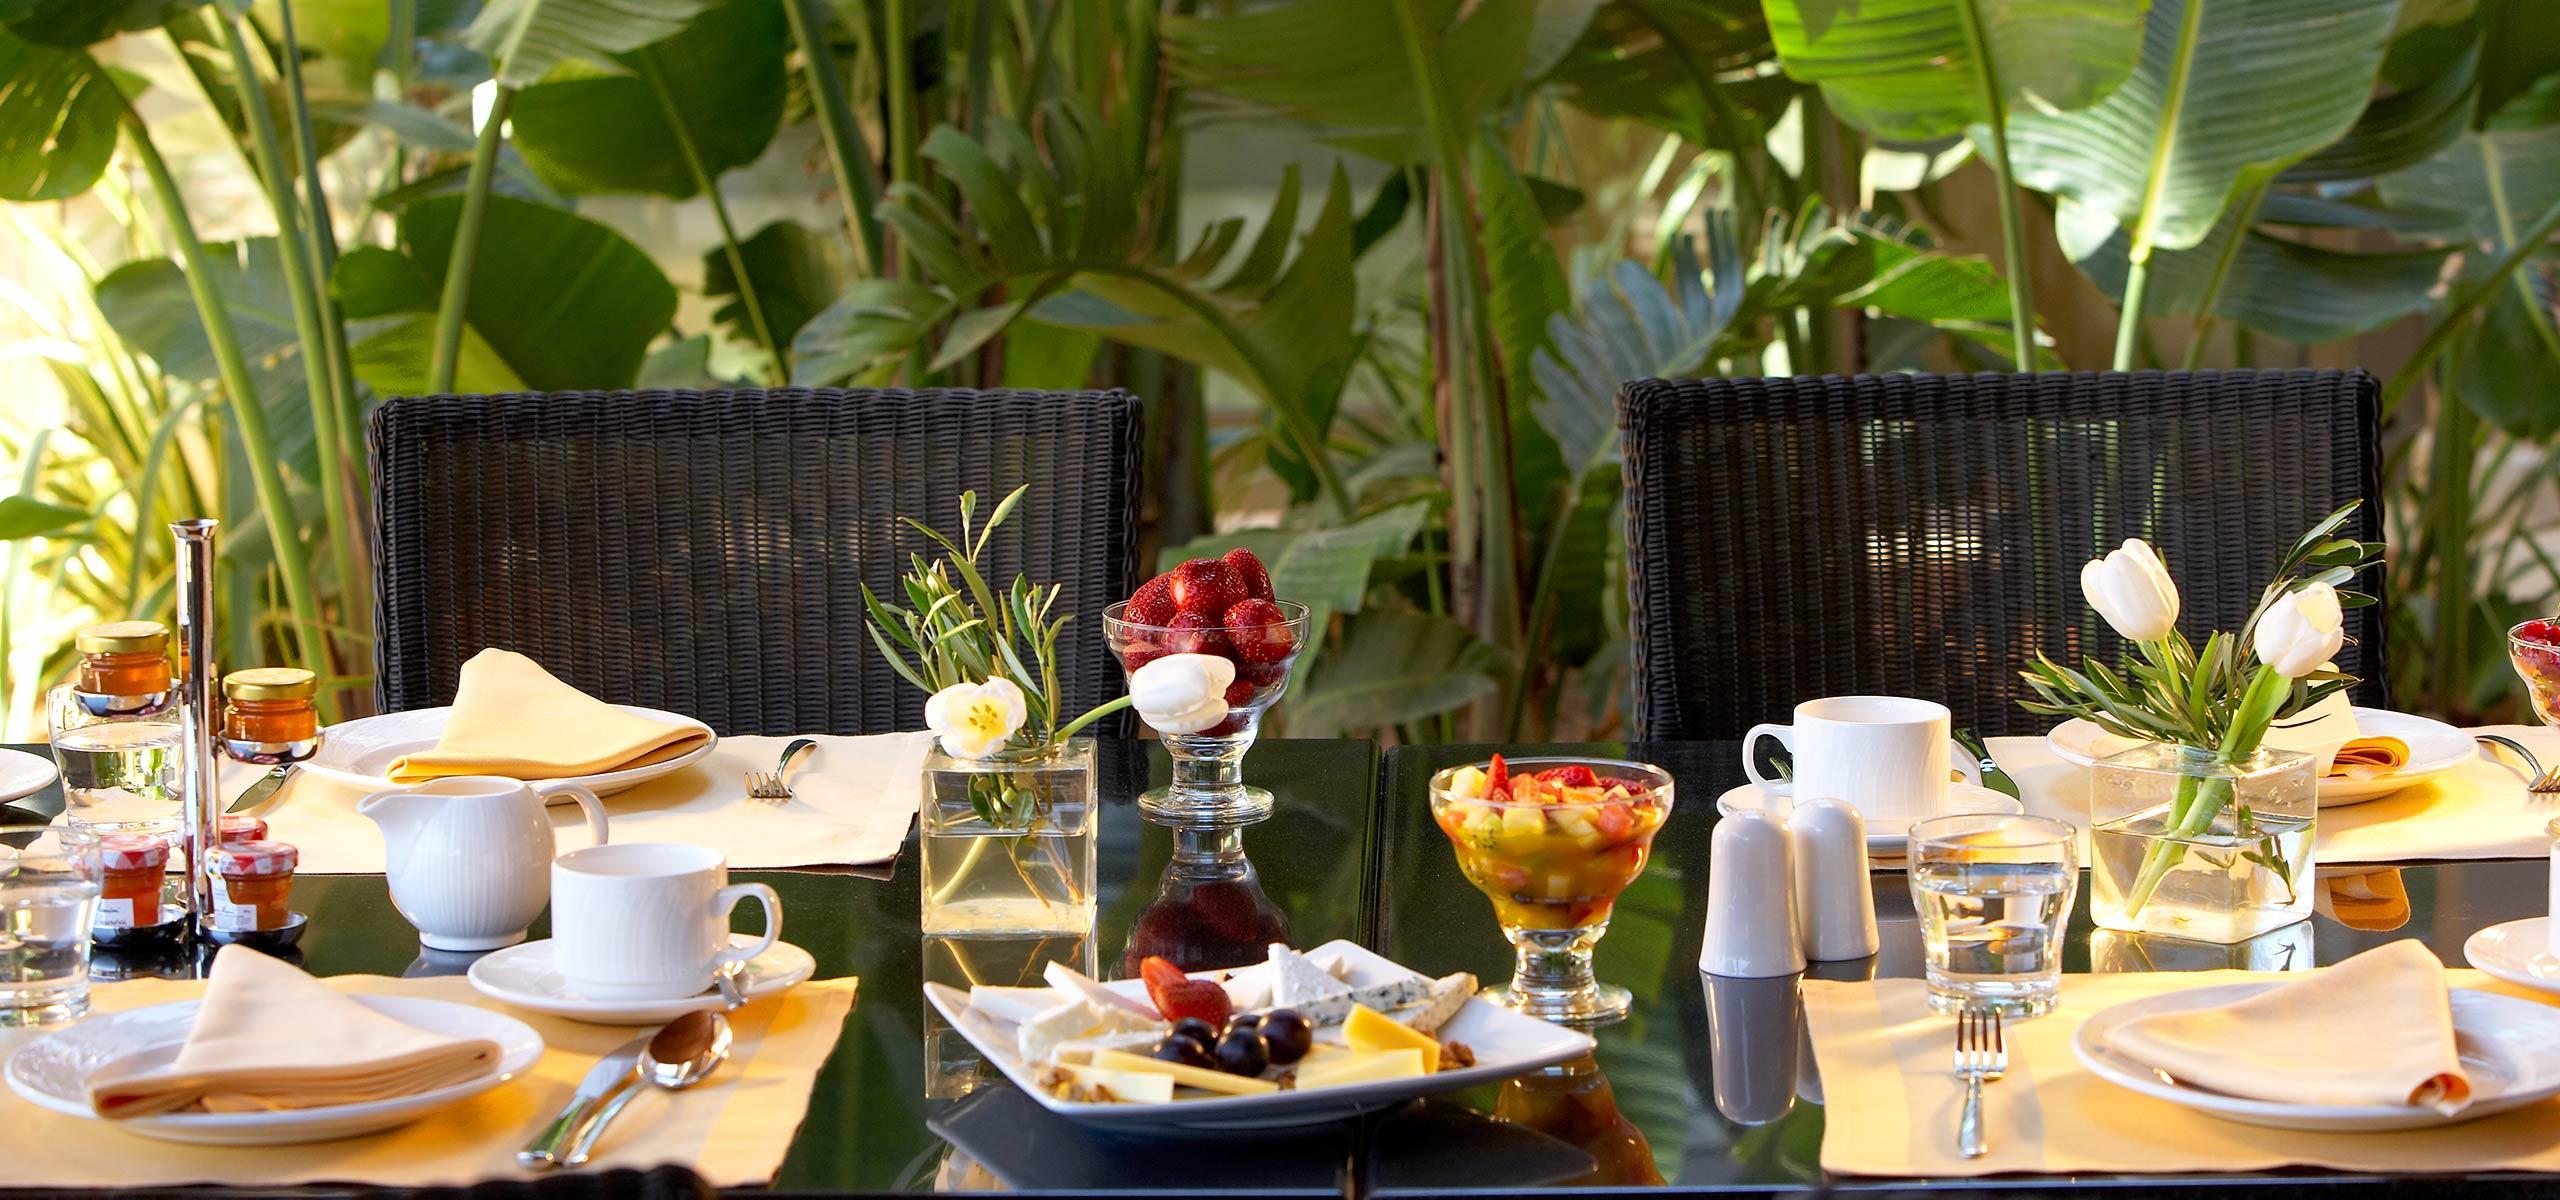 Daios-Cove Hotel, Pangea Restaurant